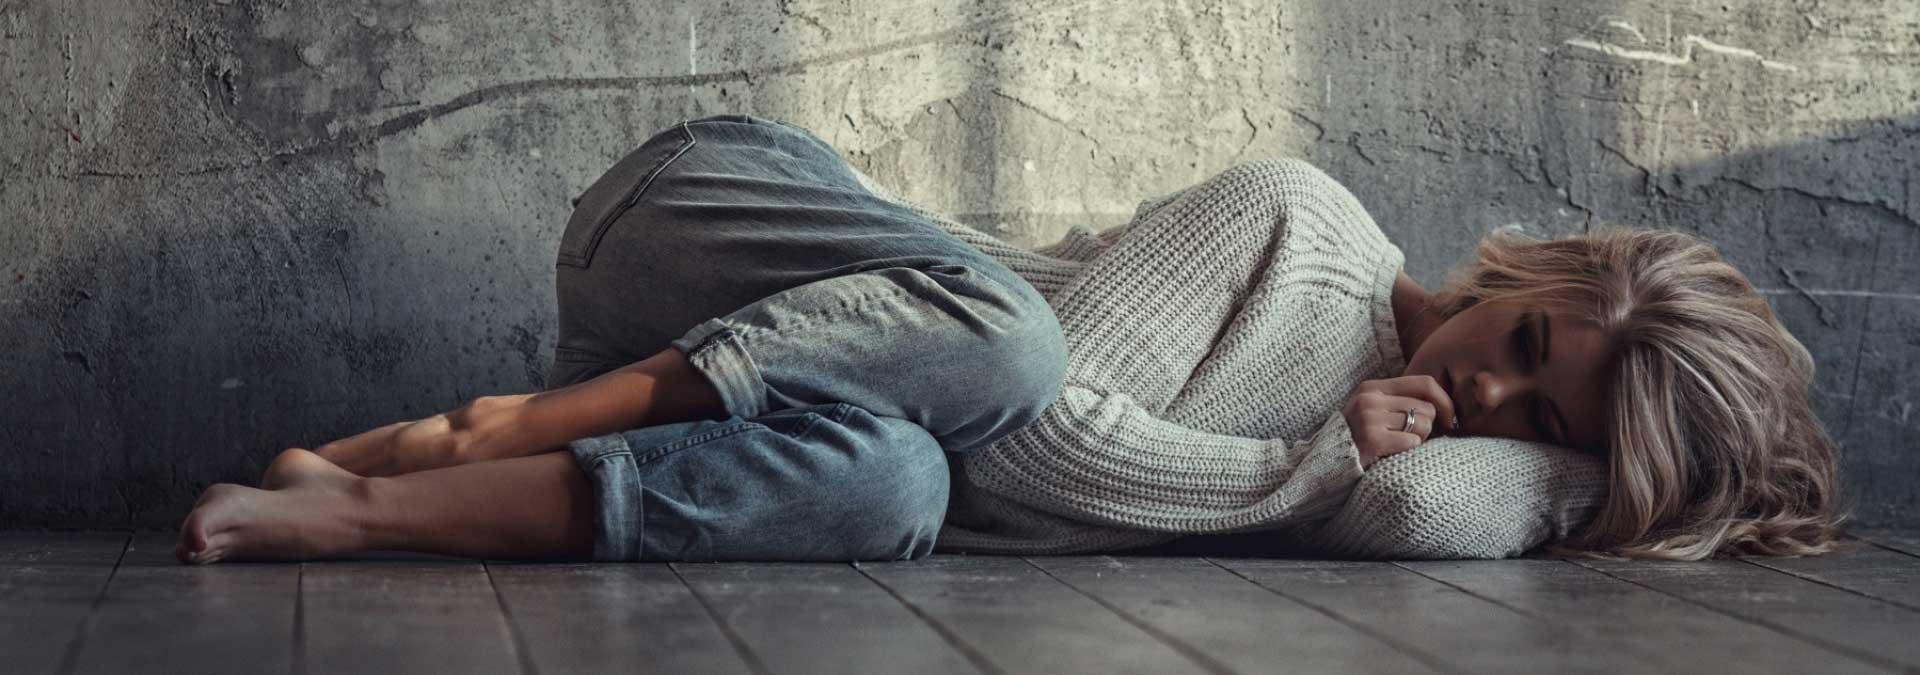 Omgaan met verdriet - spreuken en uitspraken over verdriet - ingspire